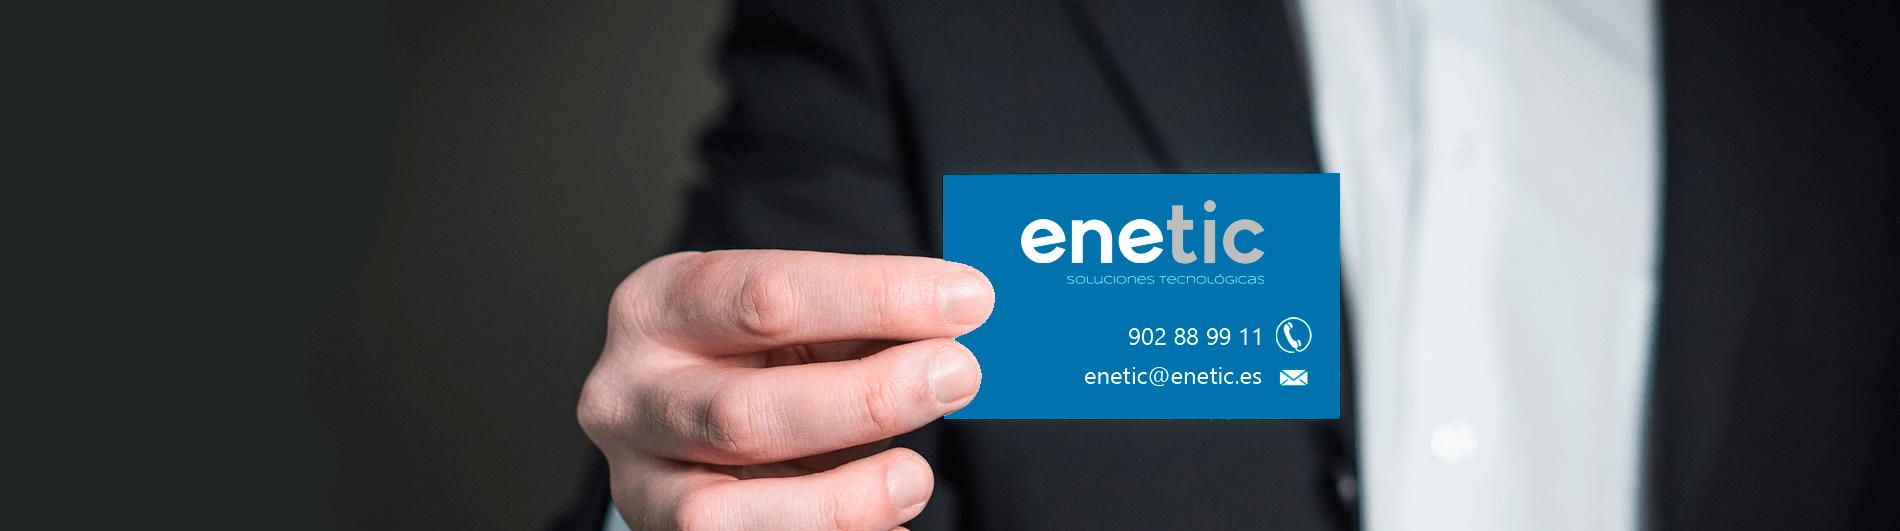 Contactar con Enetic Proyectos · Soluciones tecnológicas en Valencia